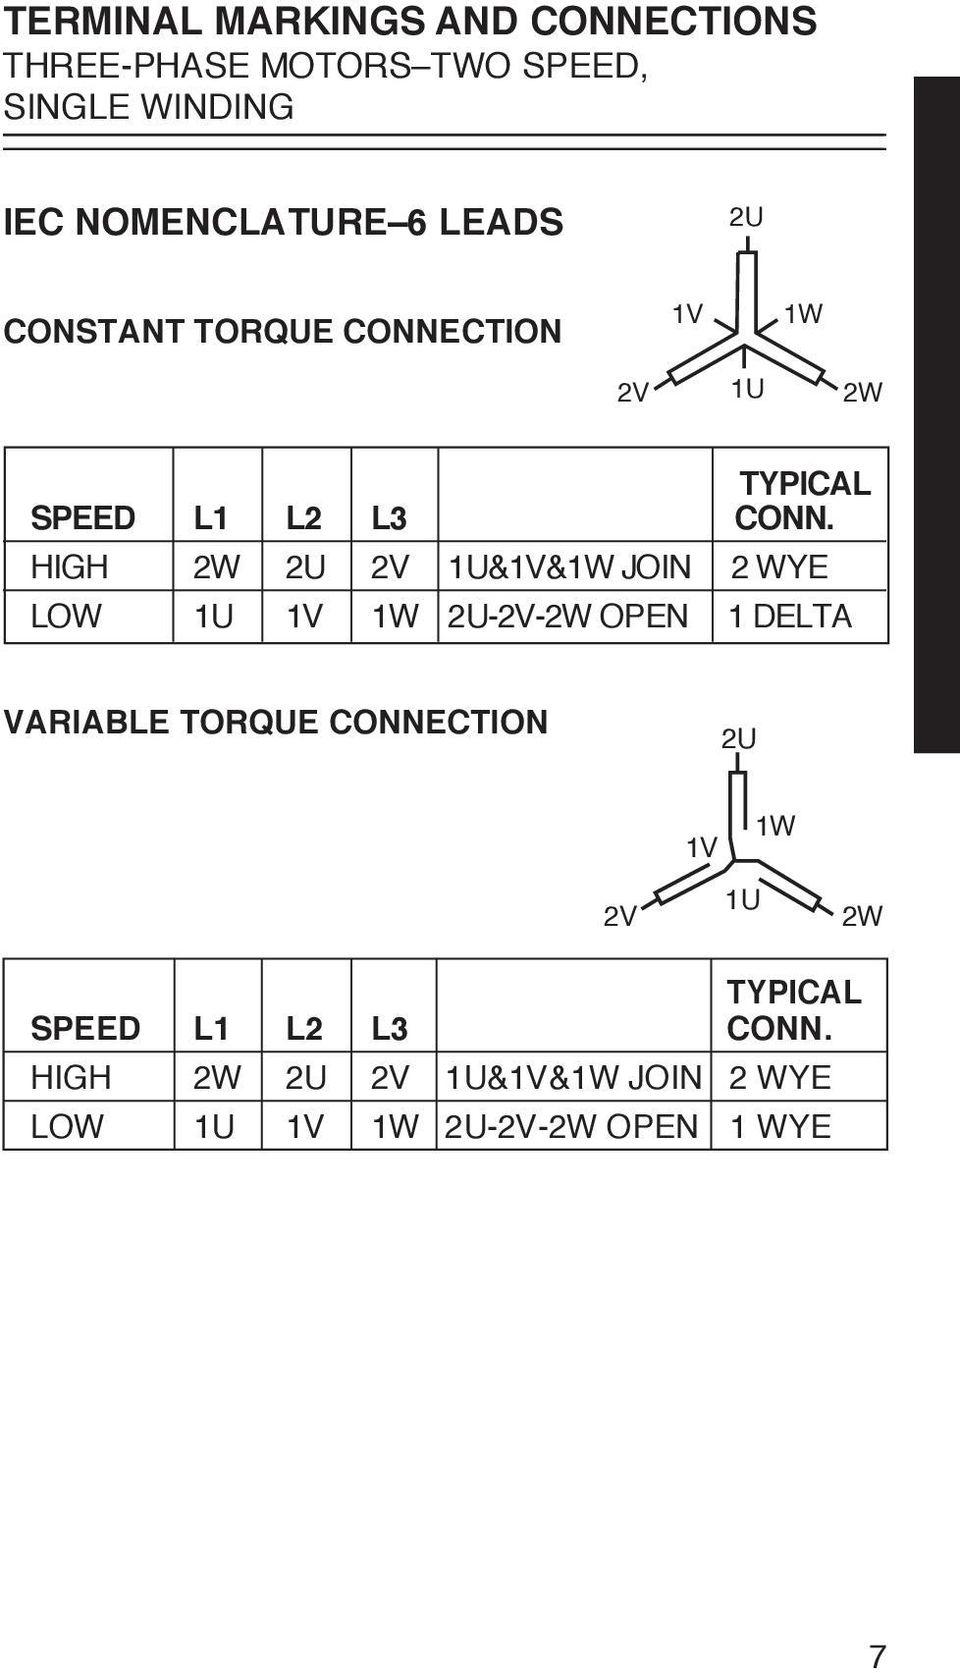 medium resolution of high w u v u v w join wye low u v w u v w open delta variable torque connection u v w